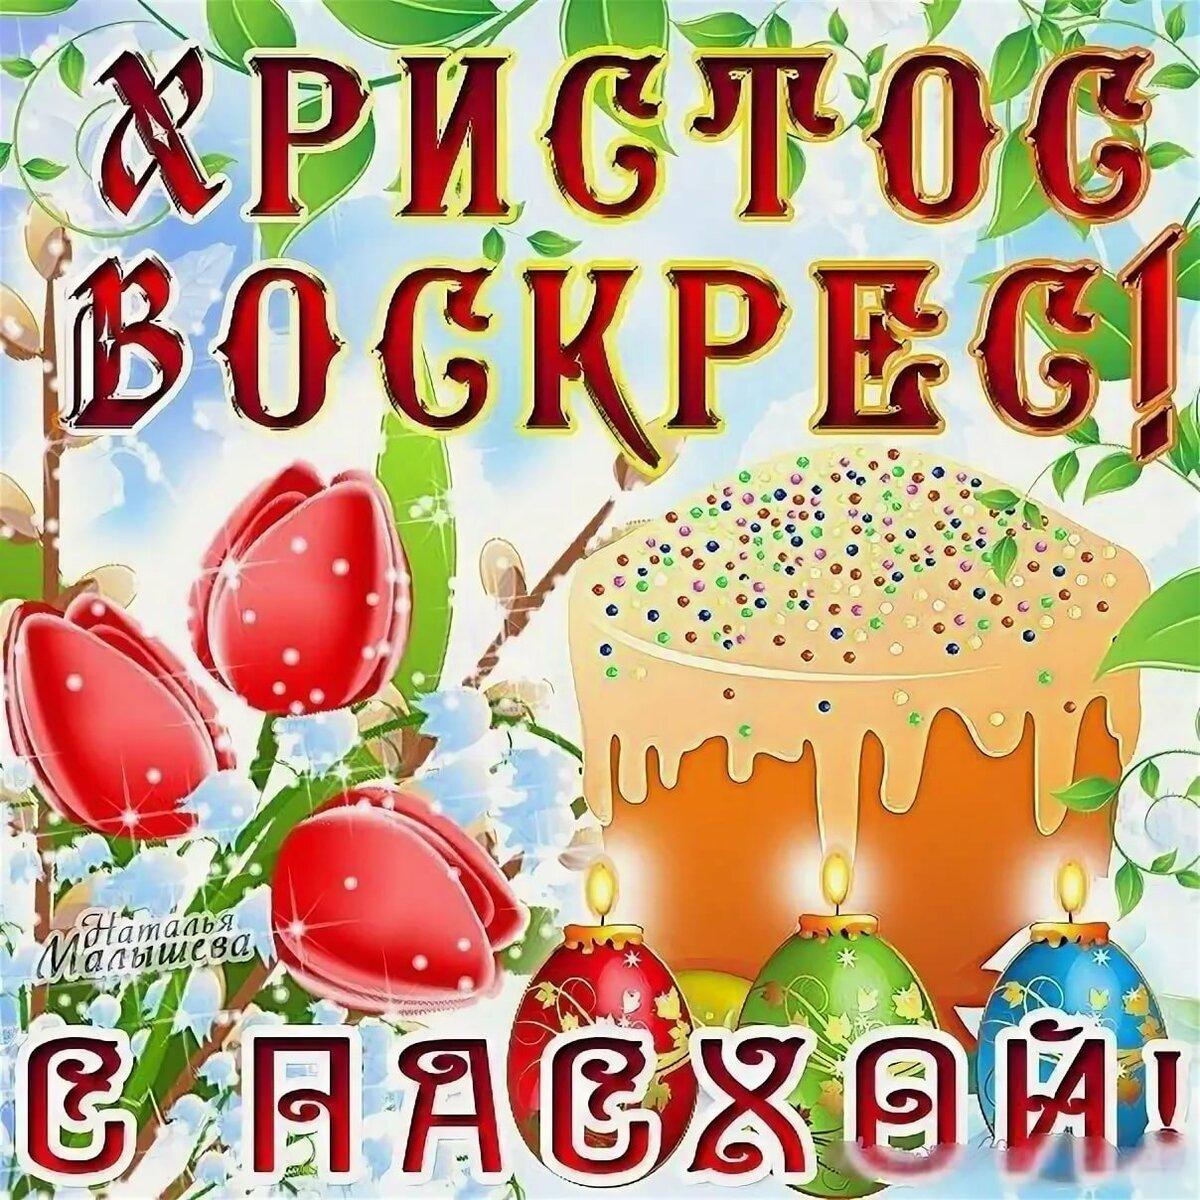 Картинки с поздравлениями со всеми праздниками